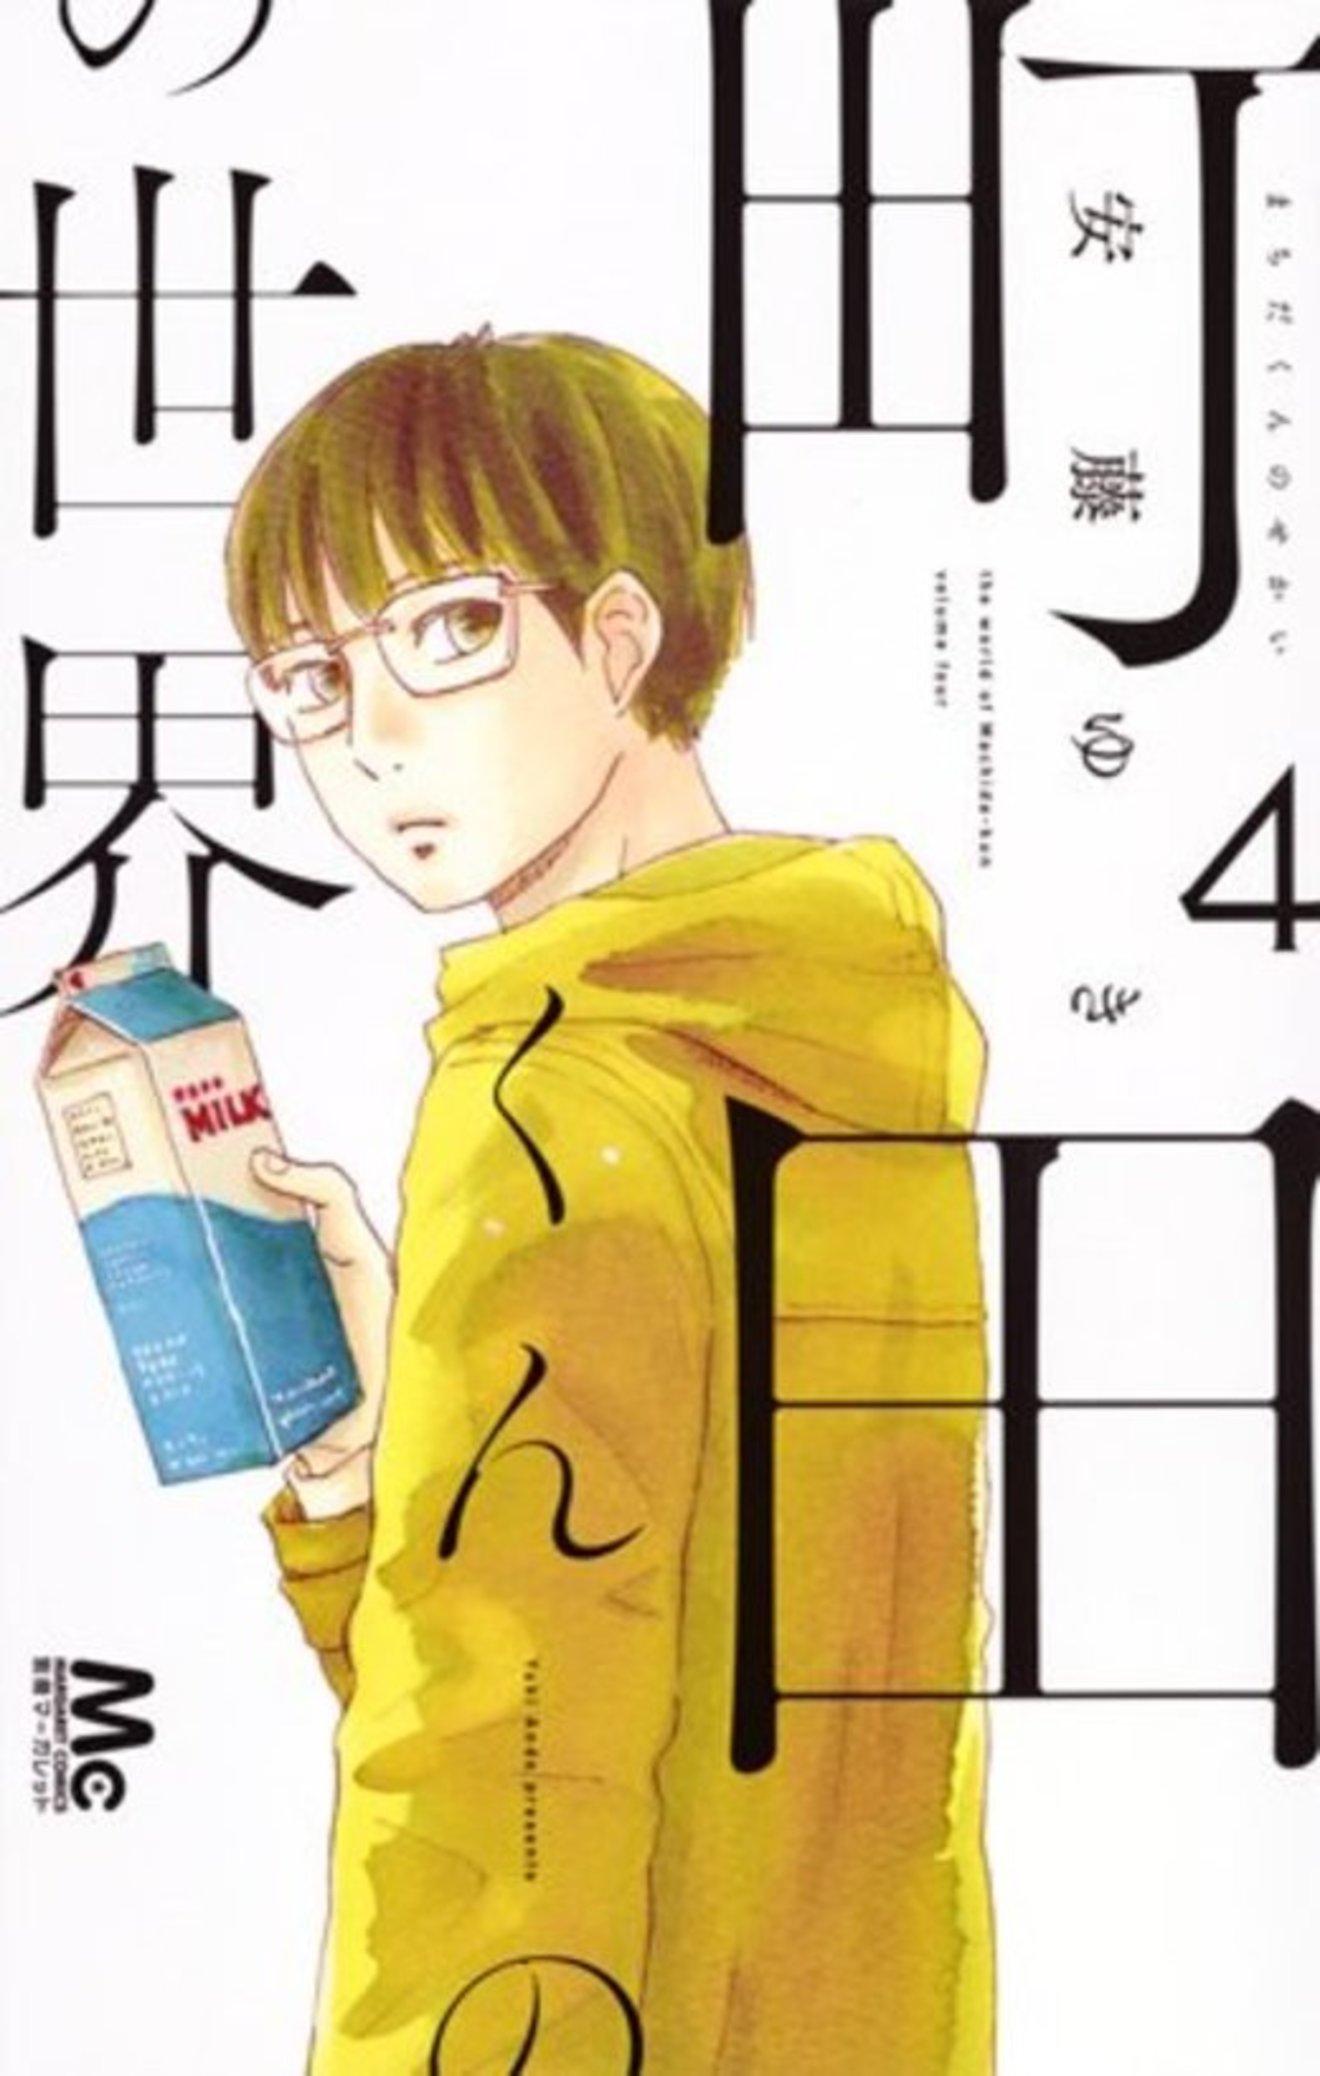 メガネ男子漫画『町田くんの世界』に癒される!5巻までの神対応にフォーカス